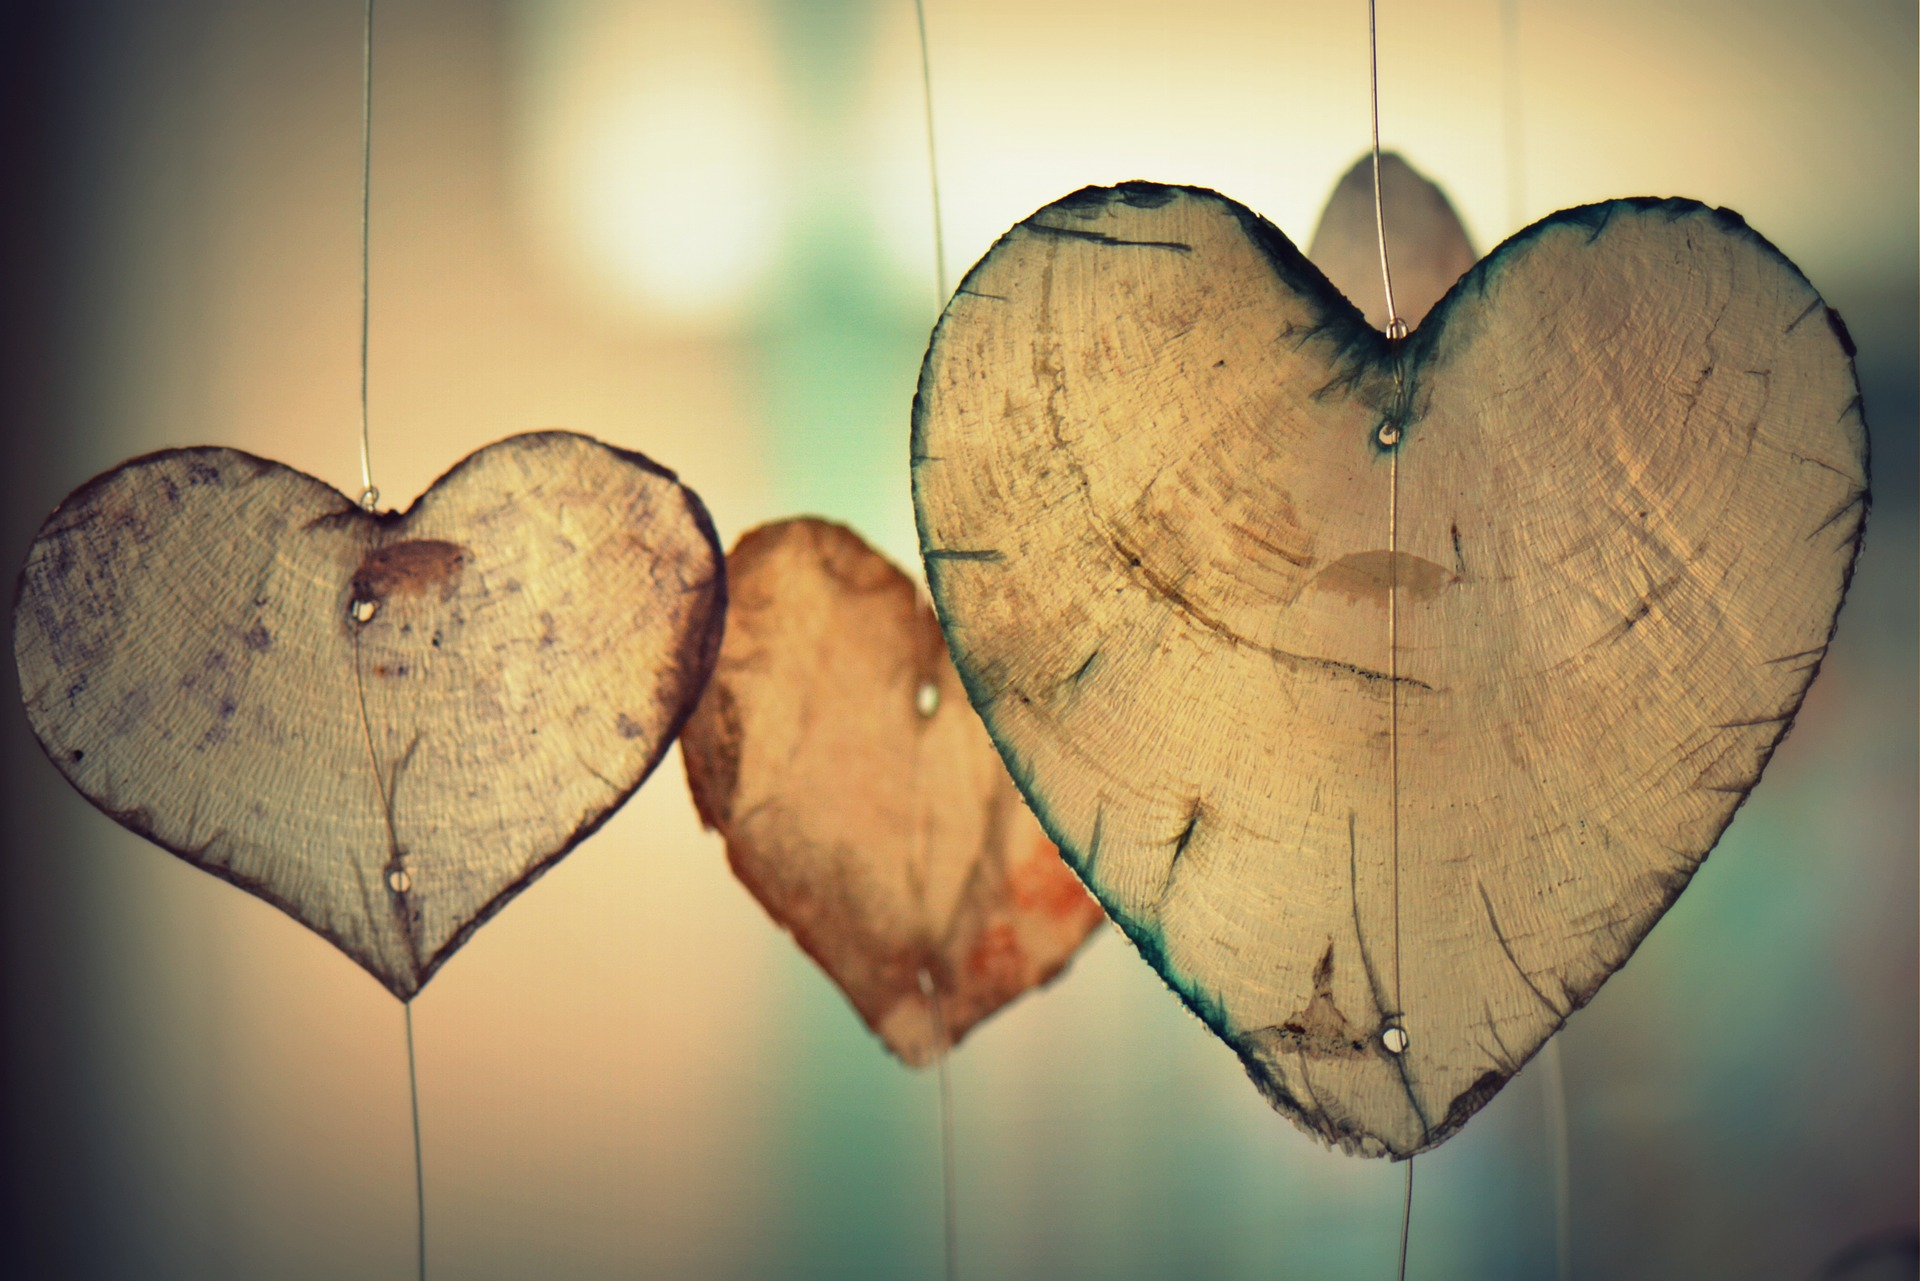 Mīlestības lielums